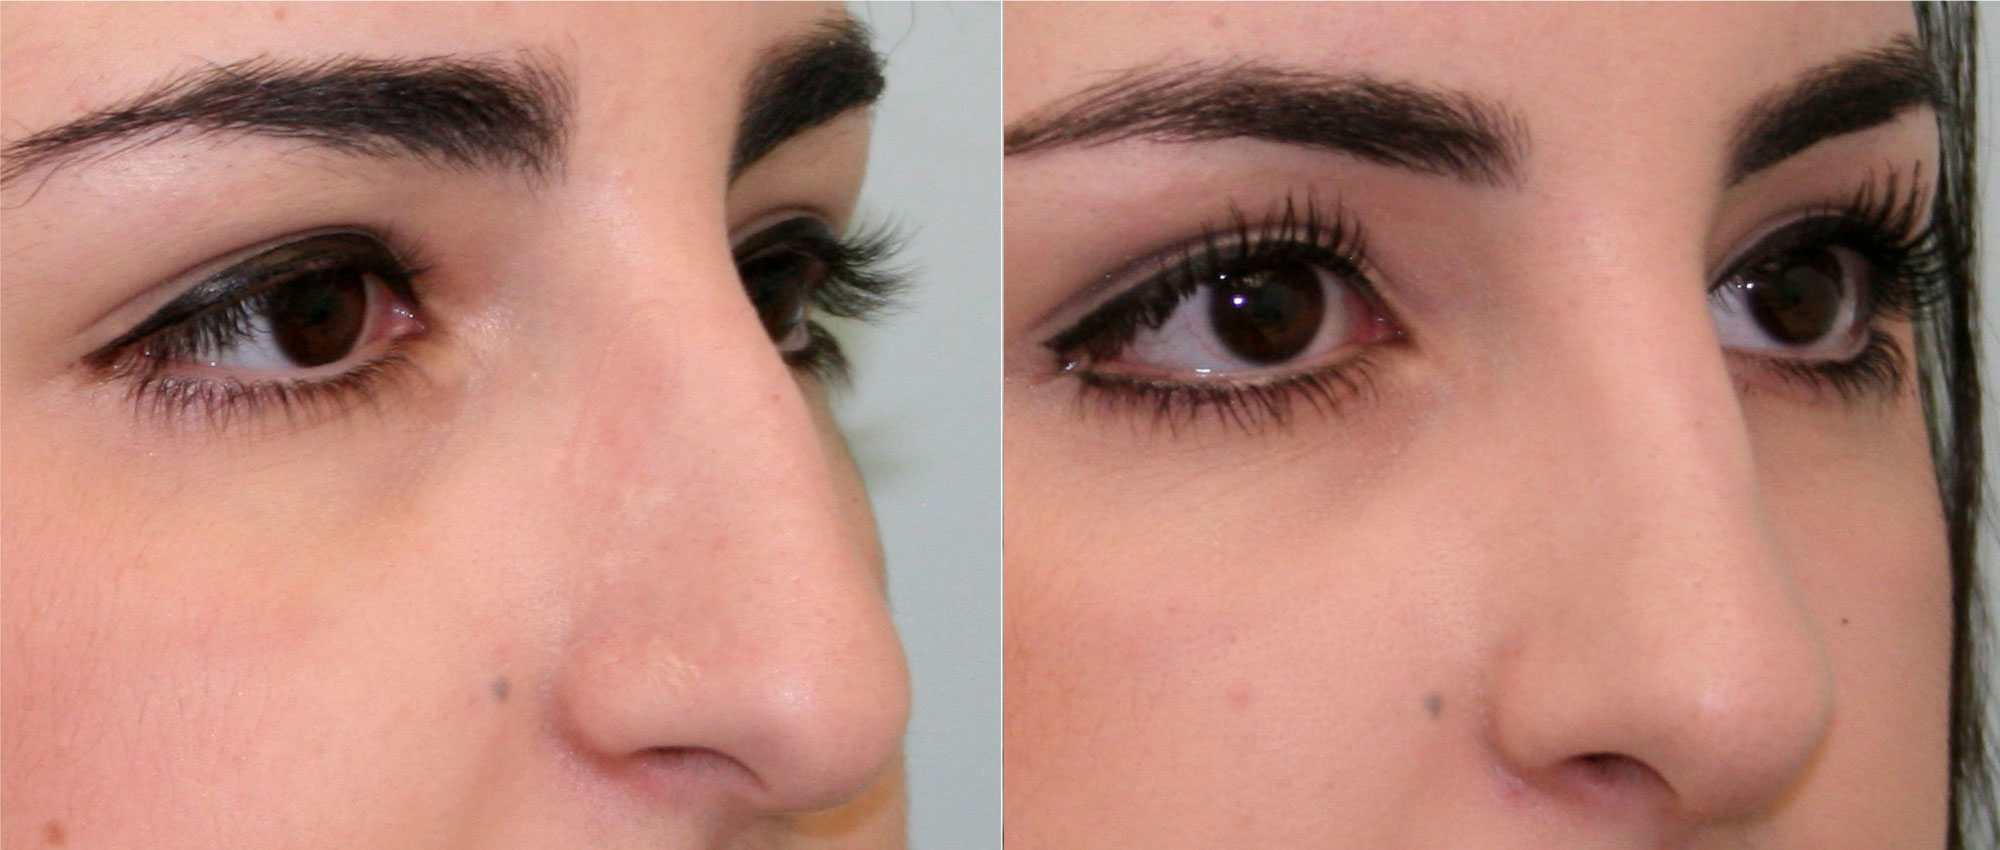 Перегородка носа